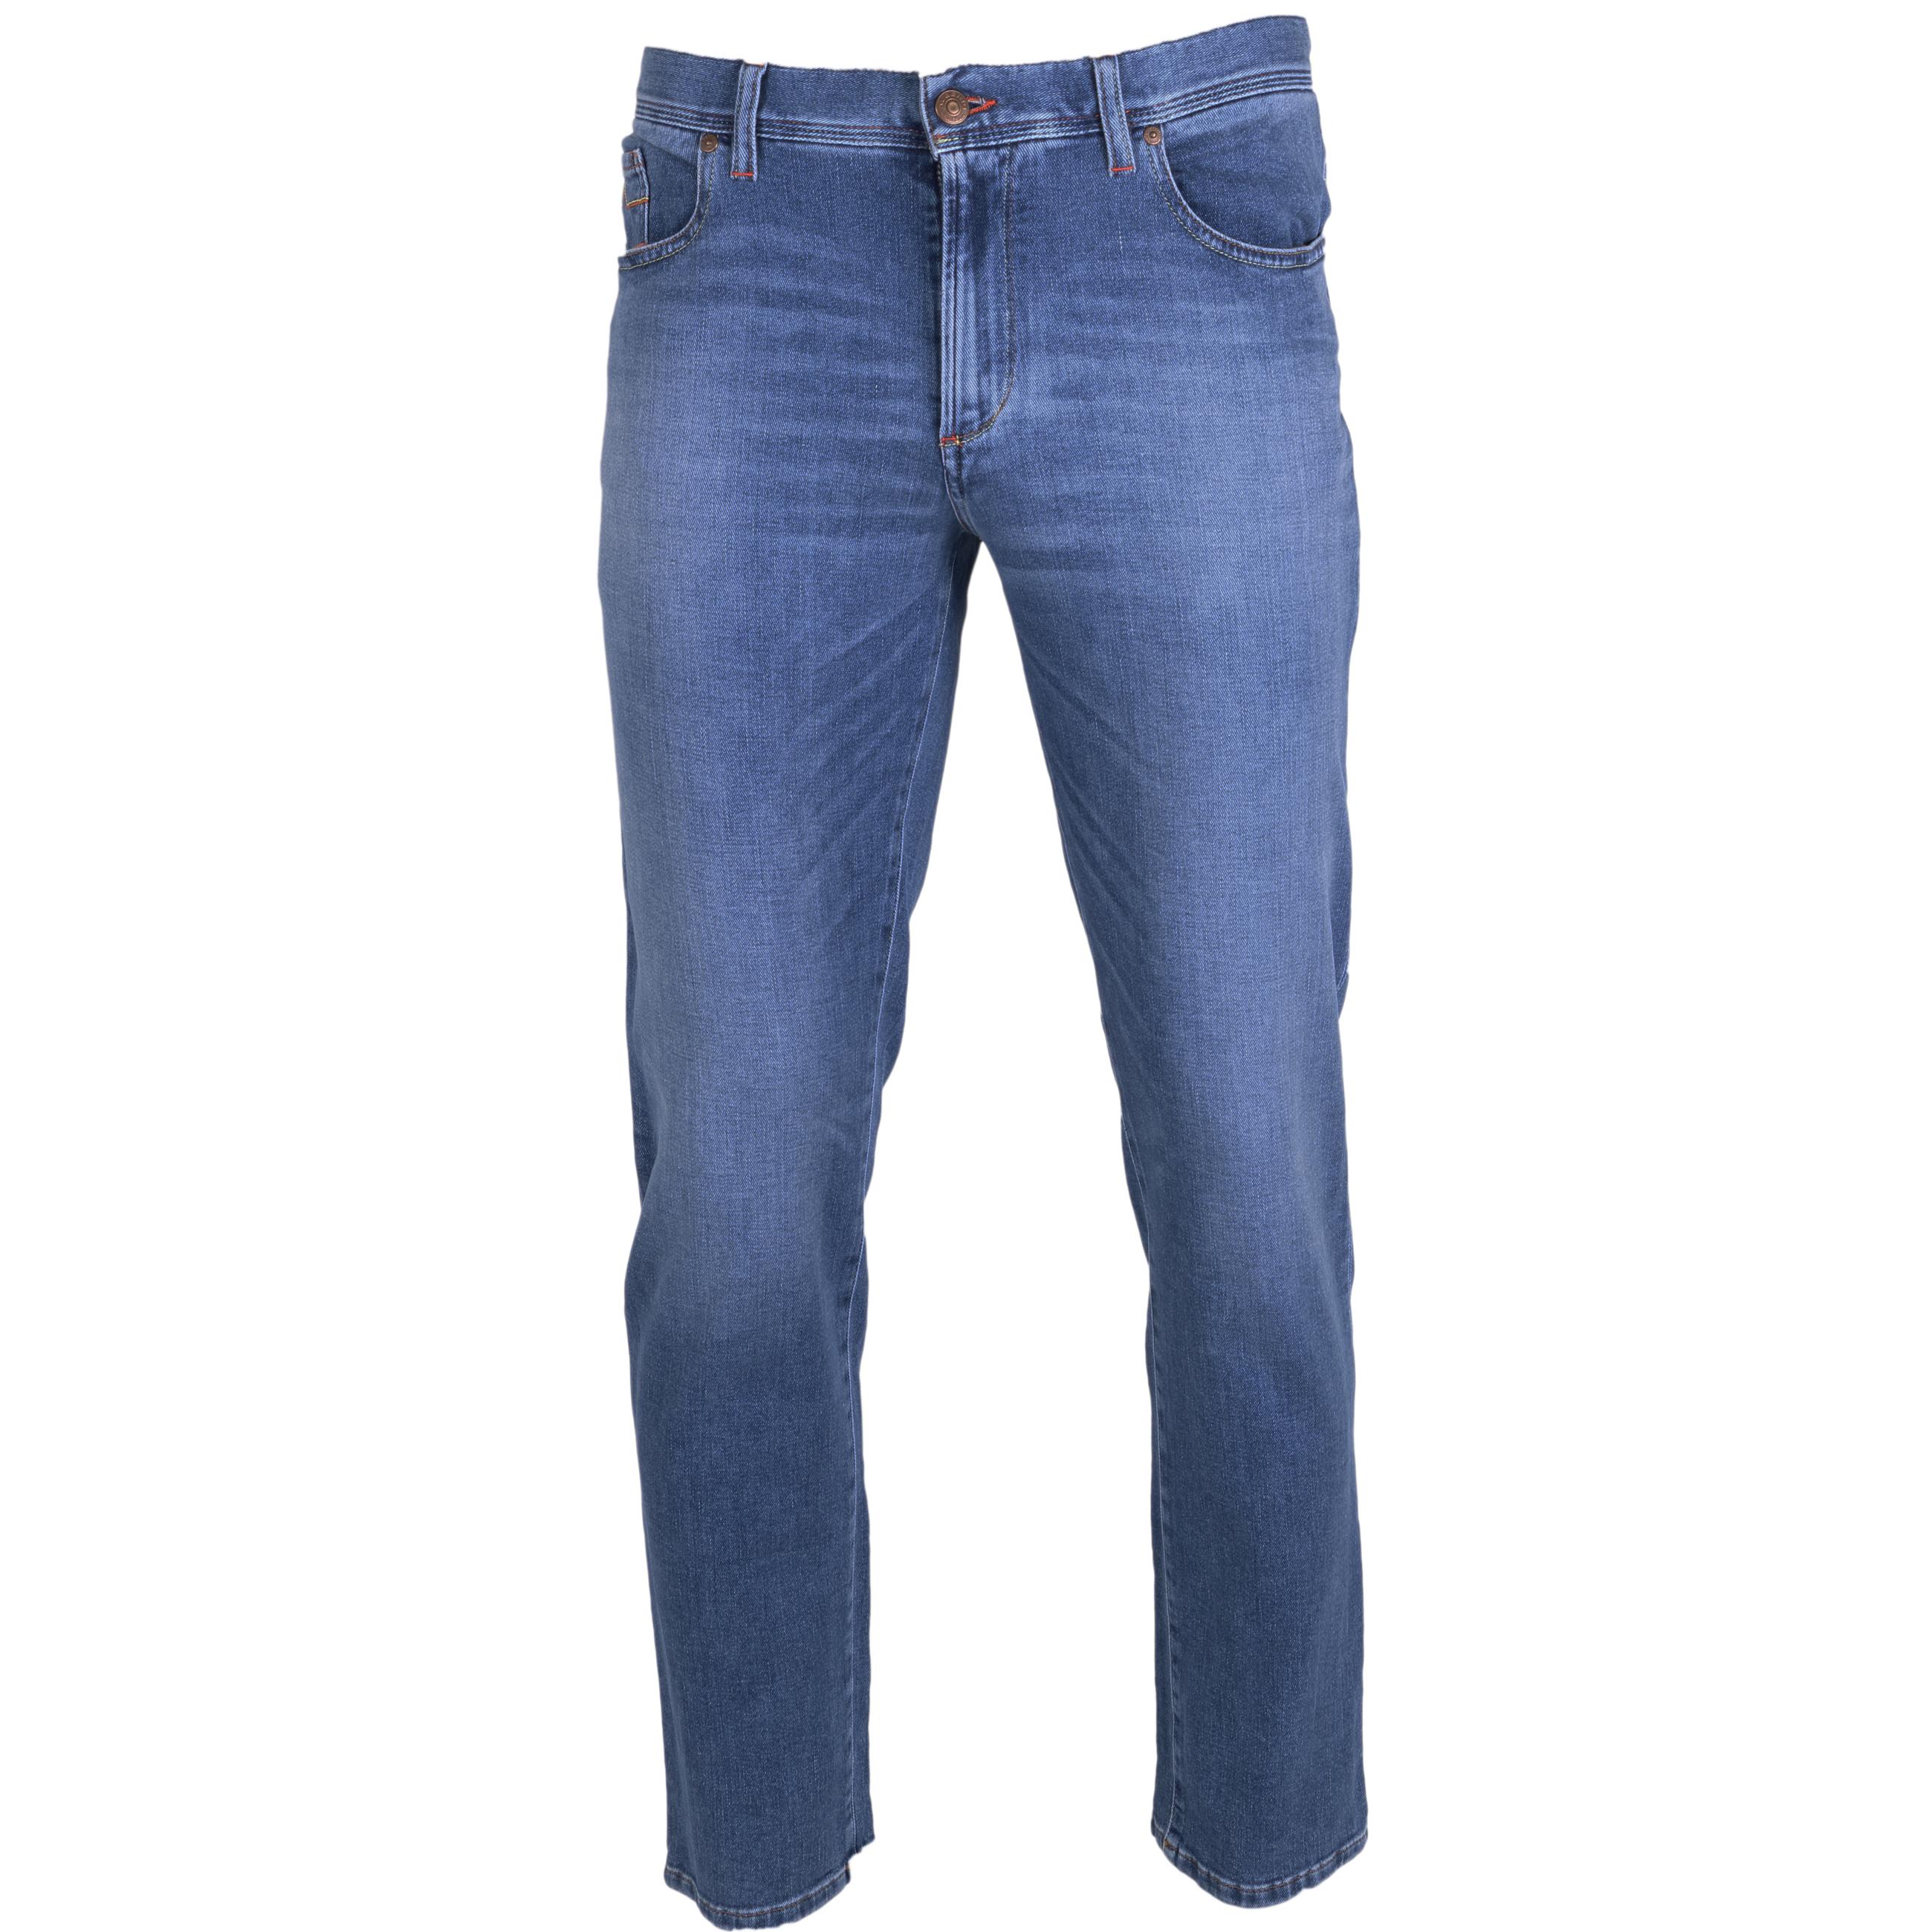 Alberto Jeans Pipe regular fit 32/34 blau